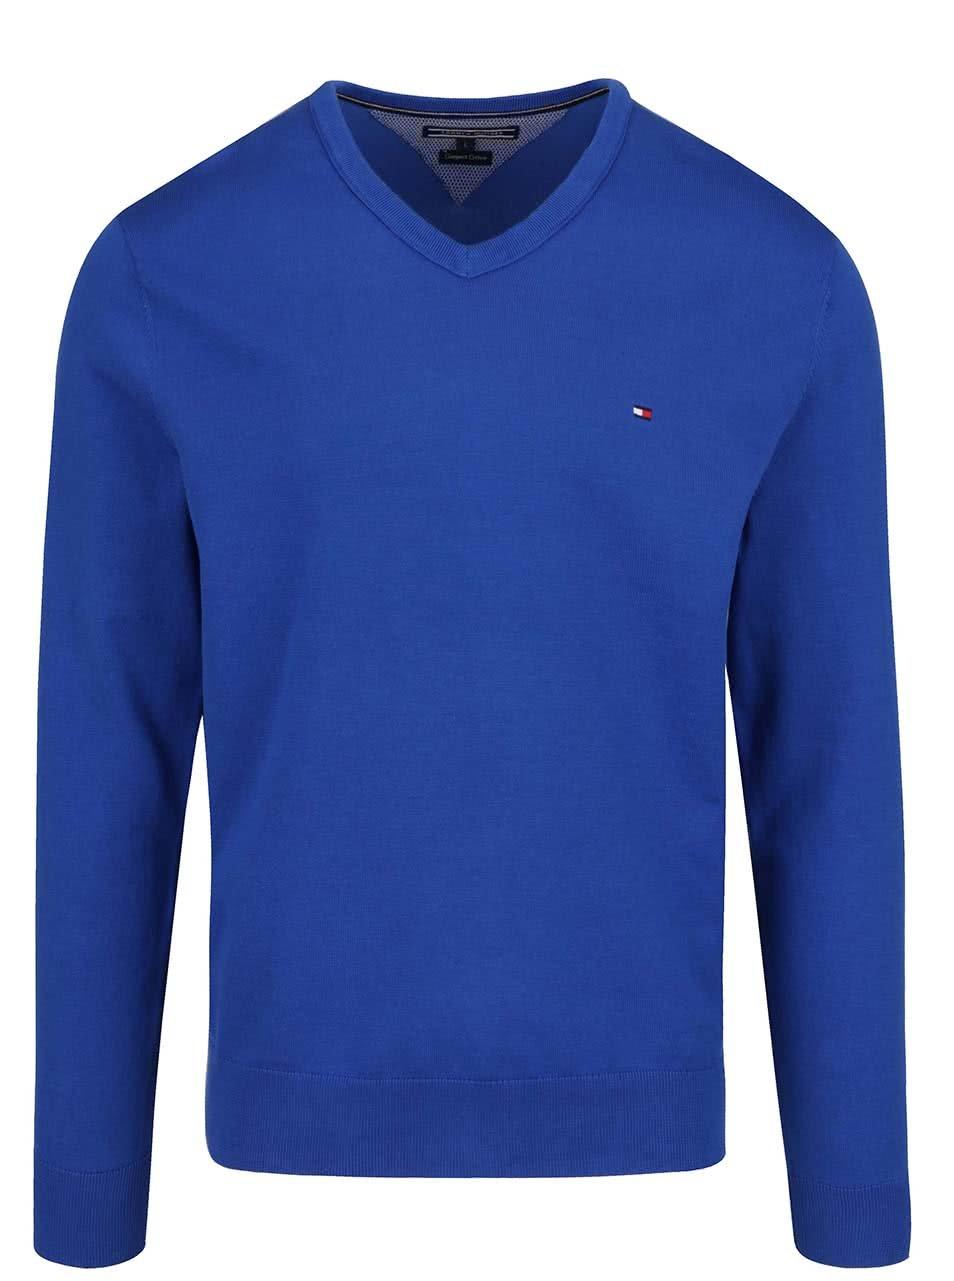 Modrý pánsky sveter Tommy Hilfiger ... 05d160567e2